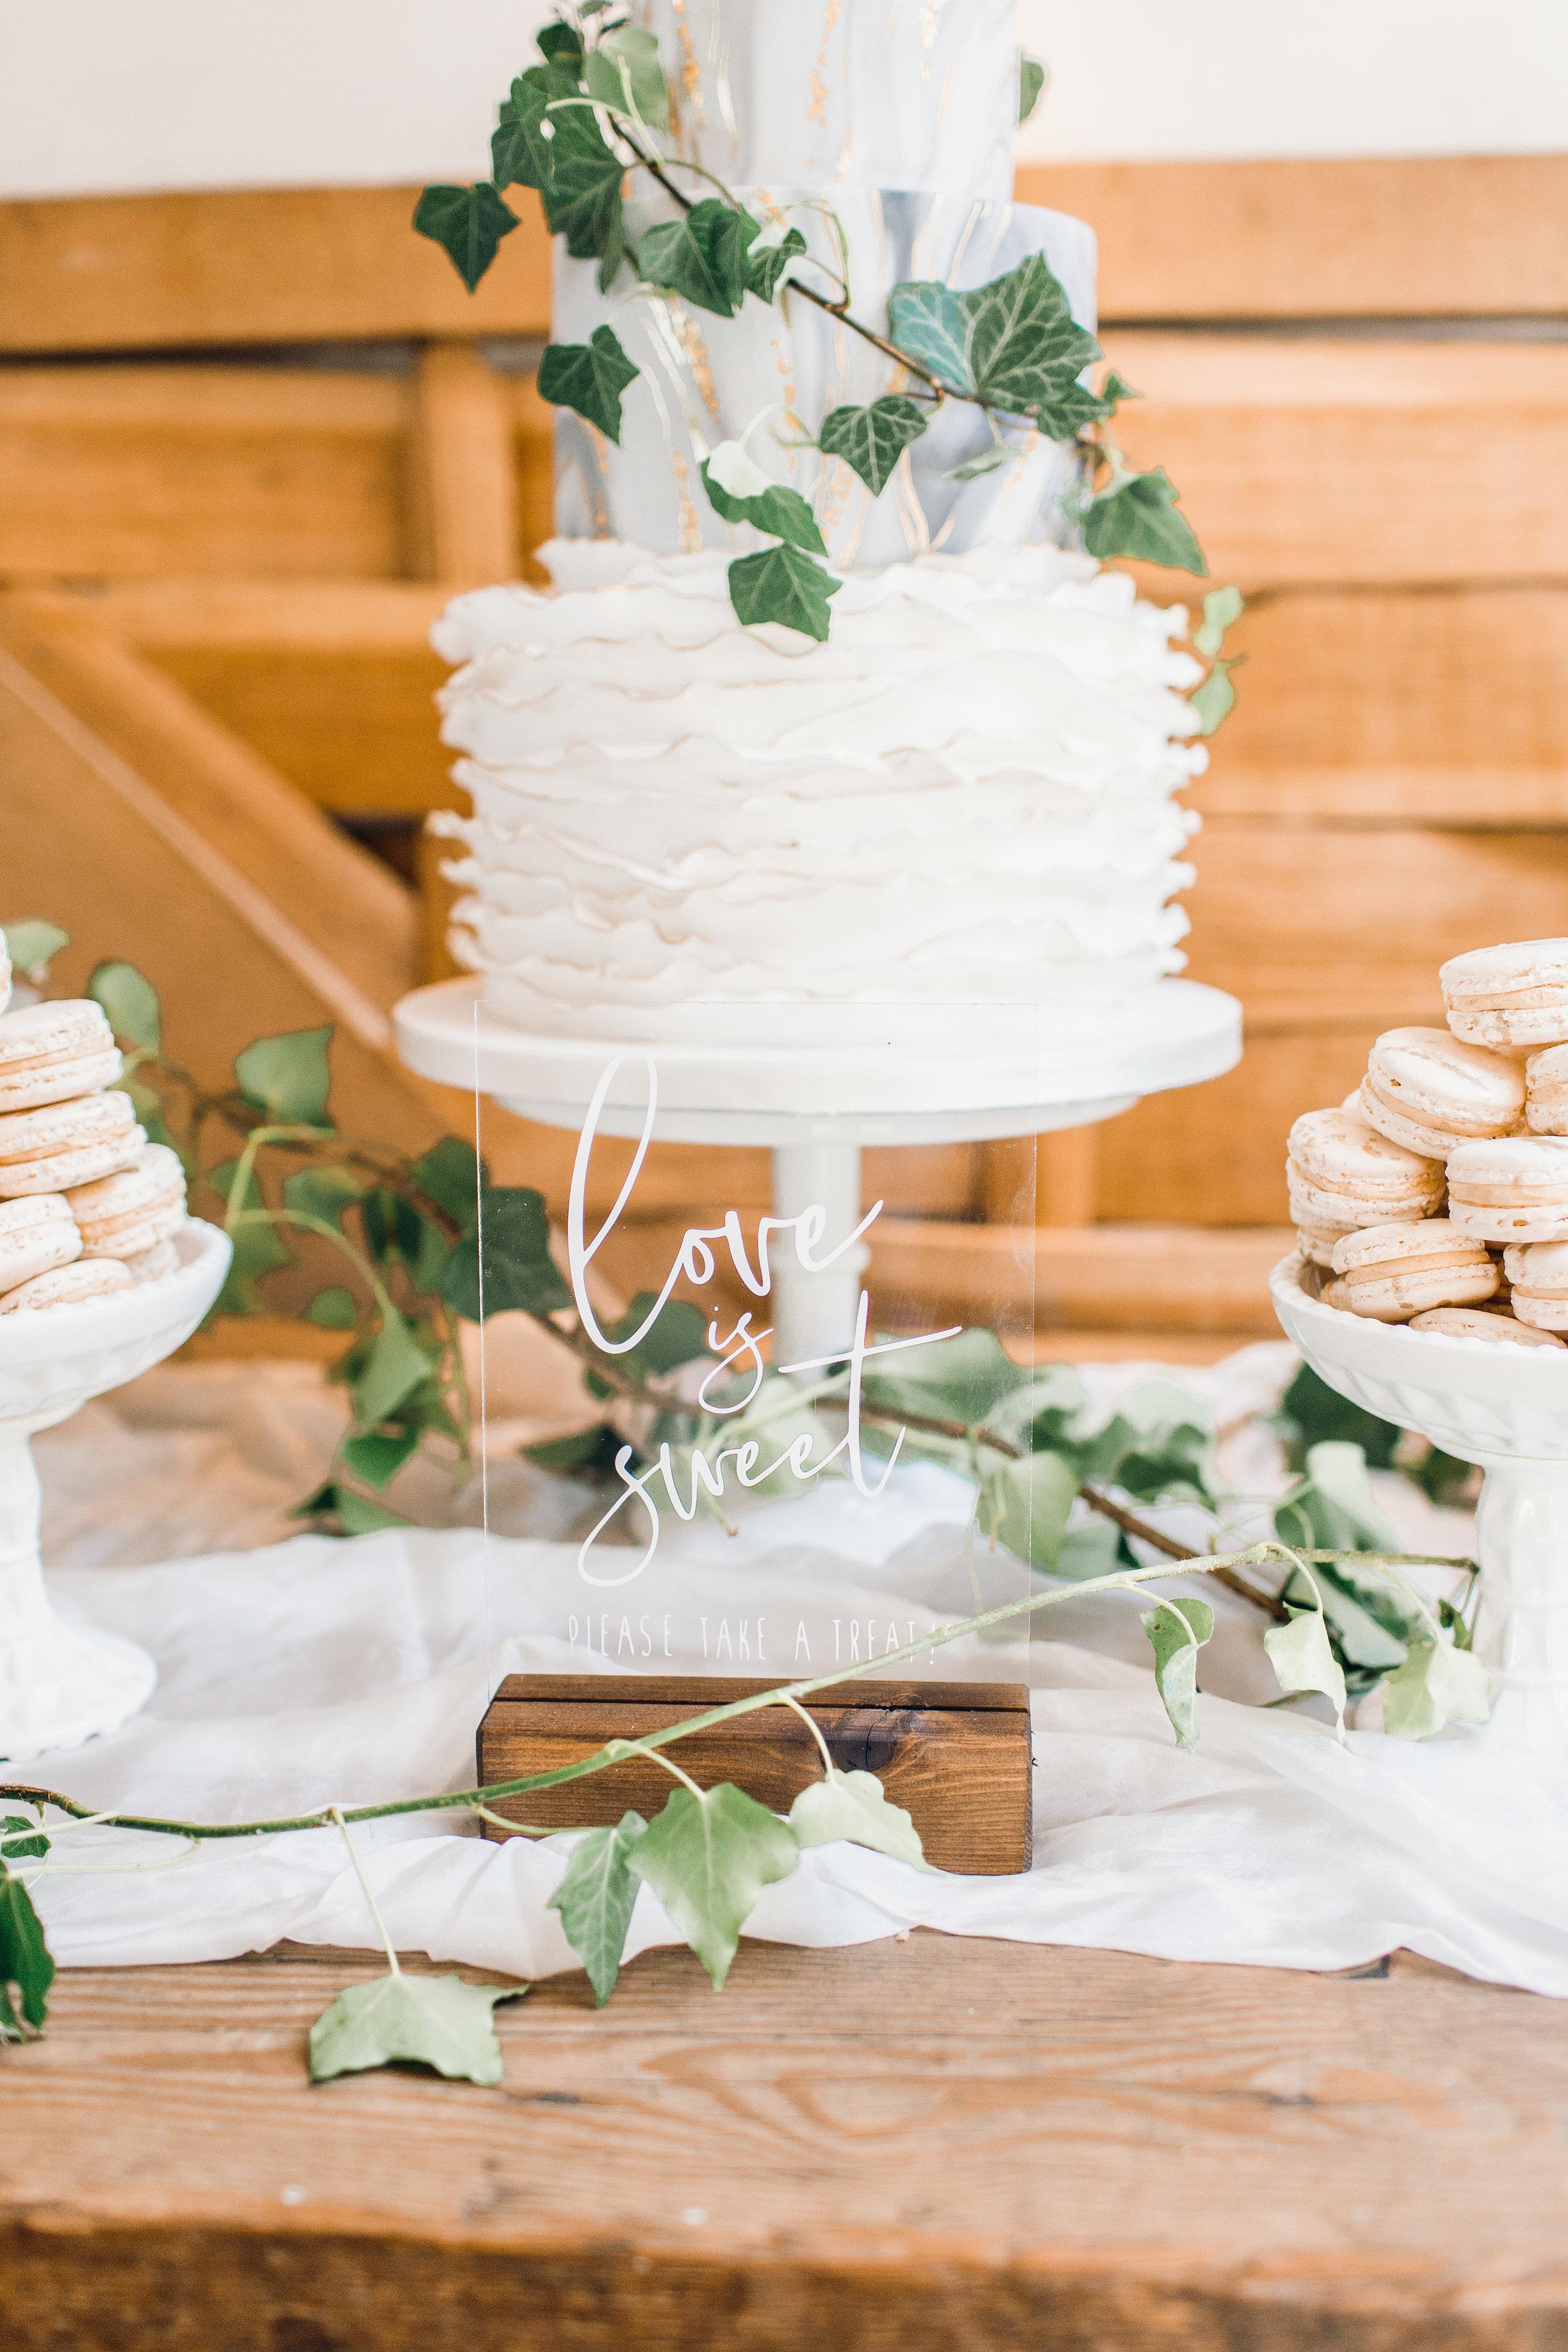 Real Wedding at Cripps Barn